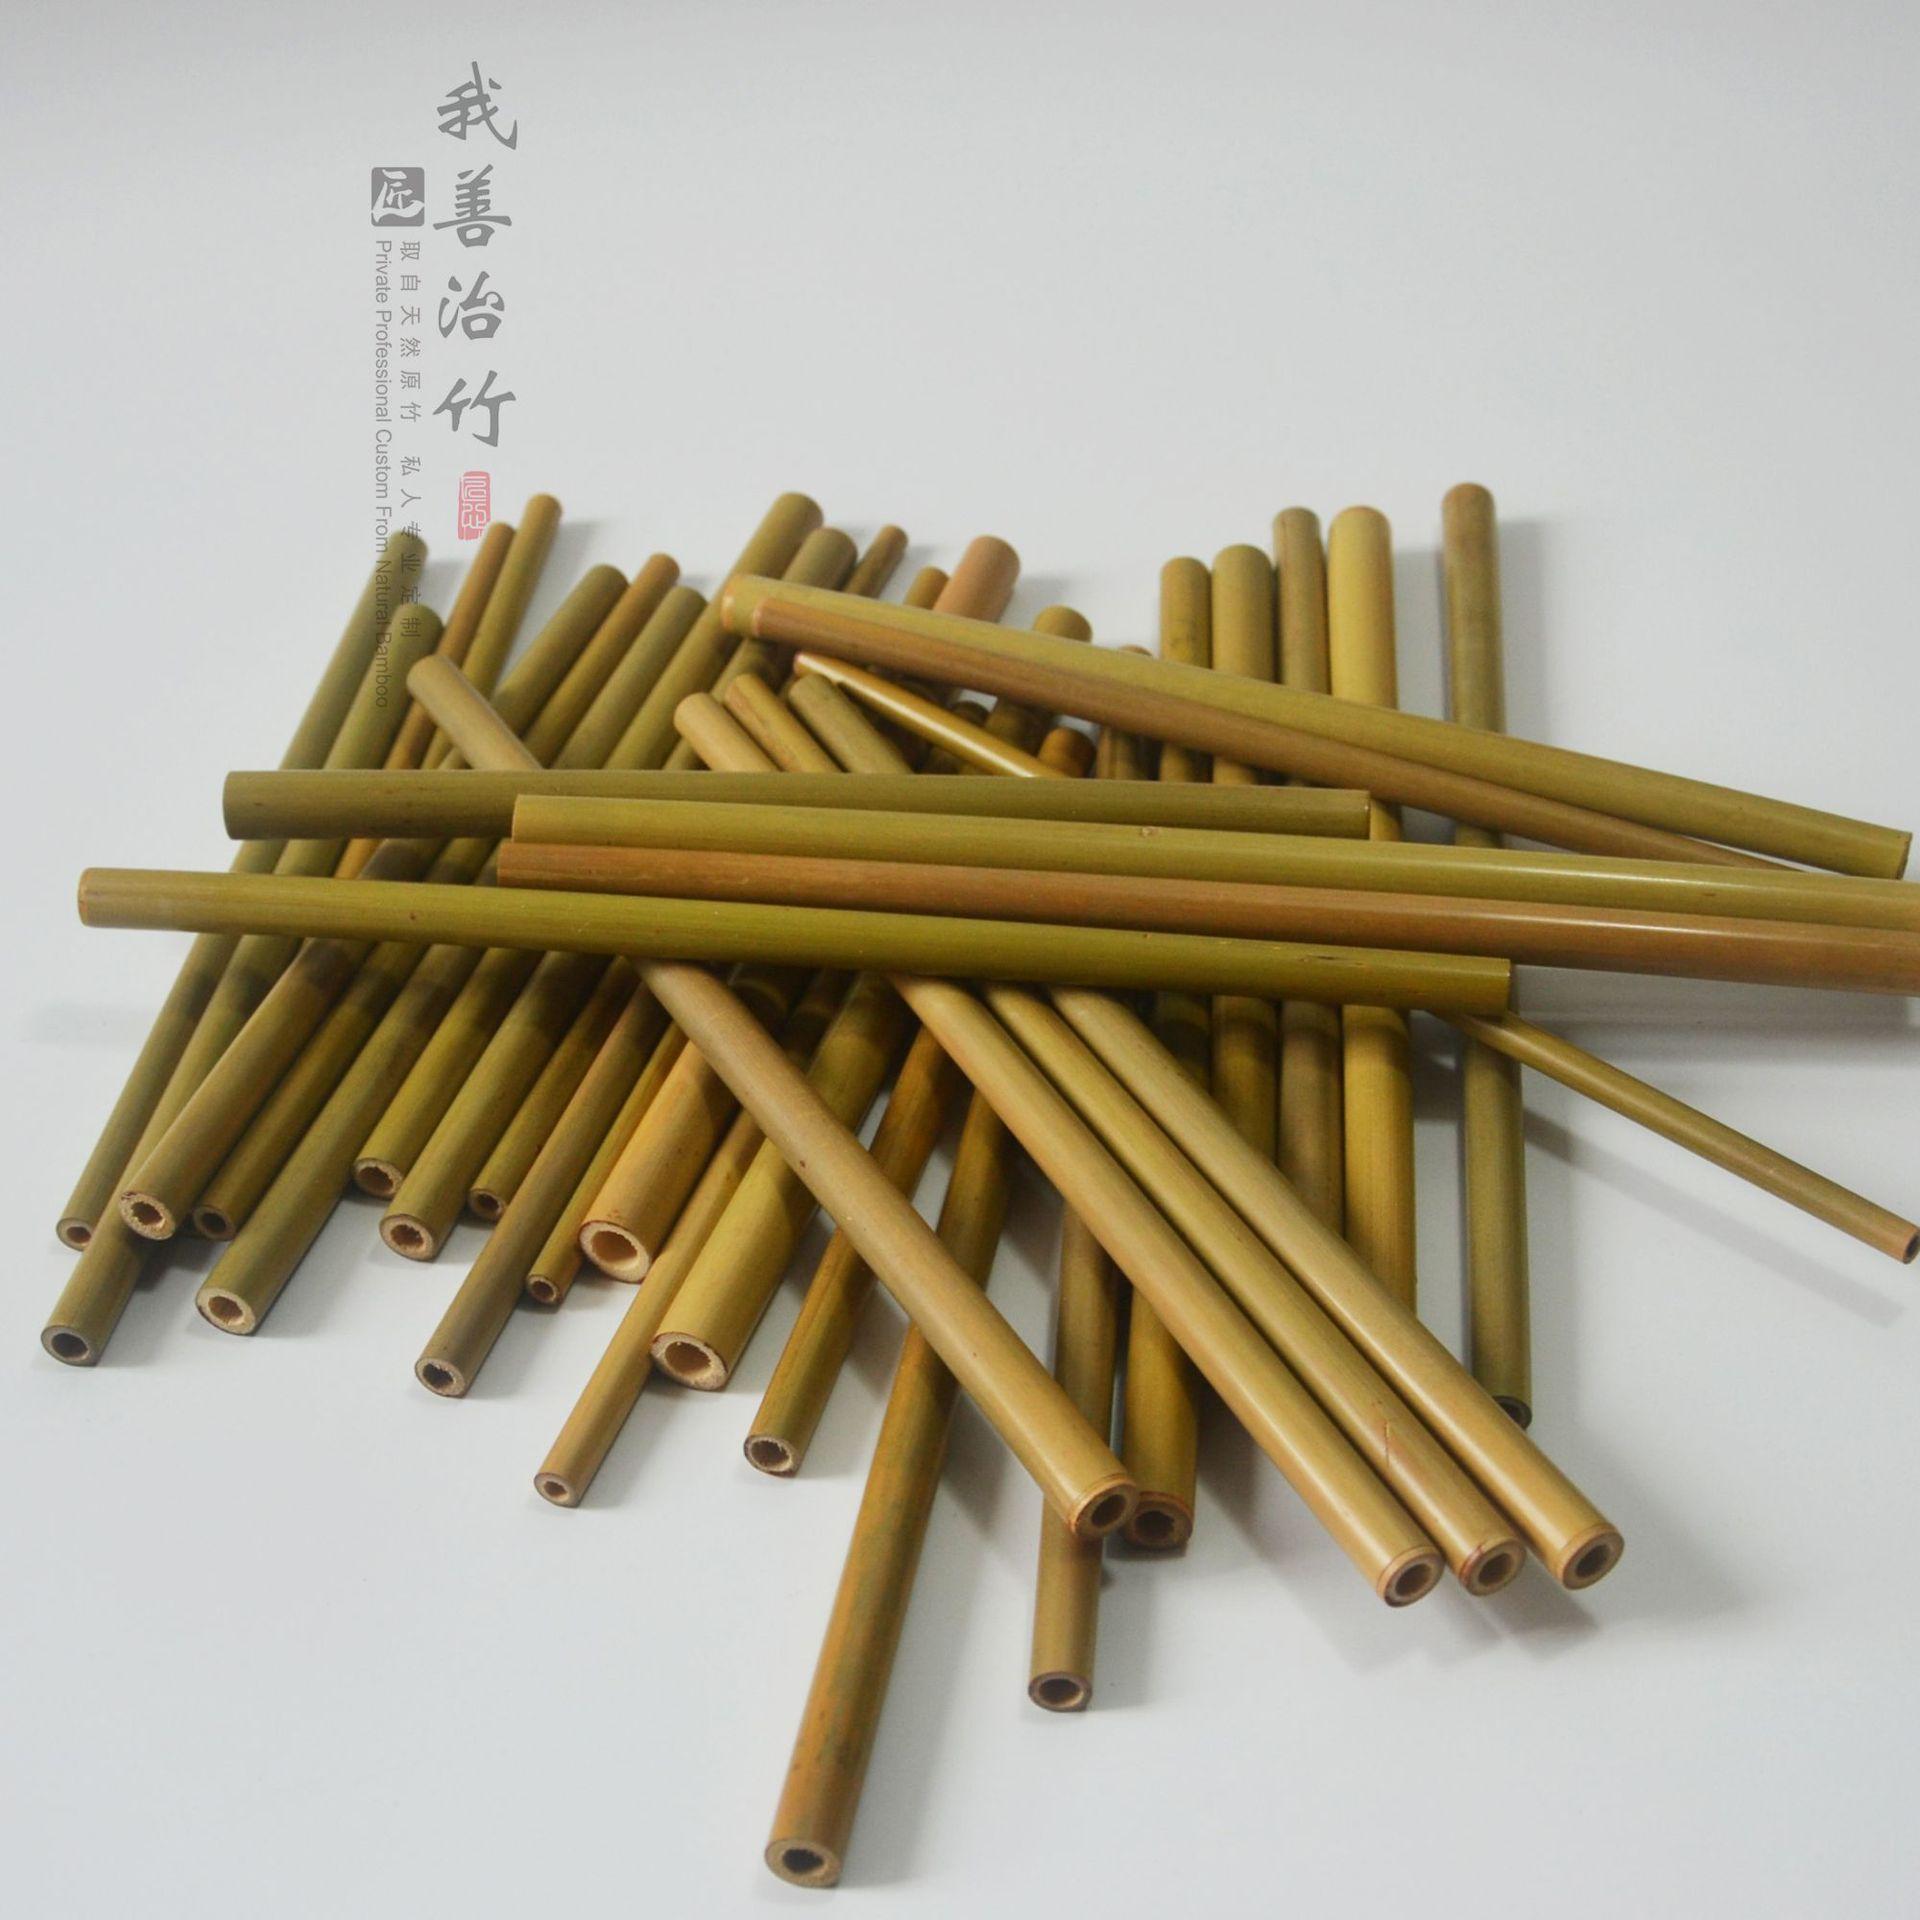 竹吸管1-17-1